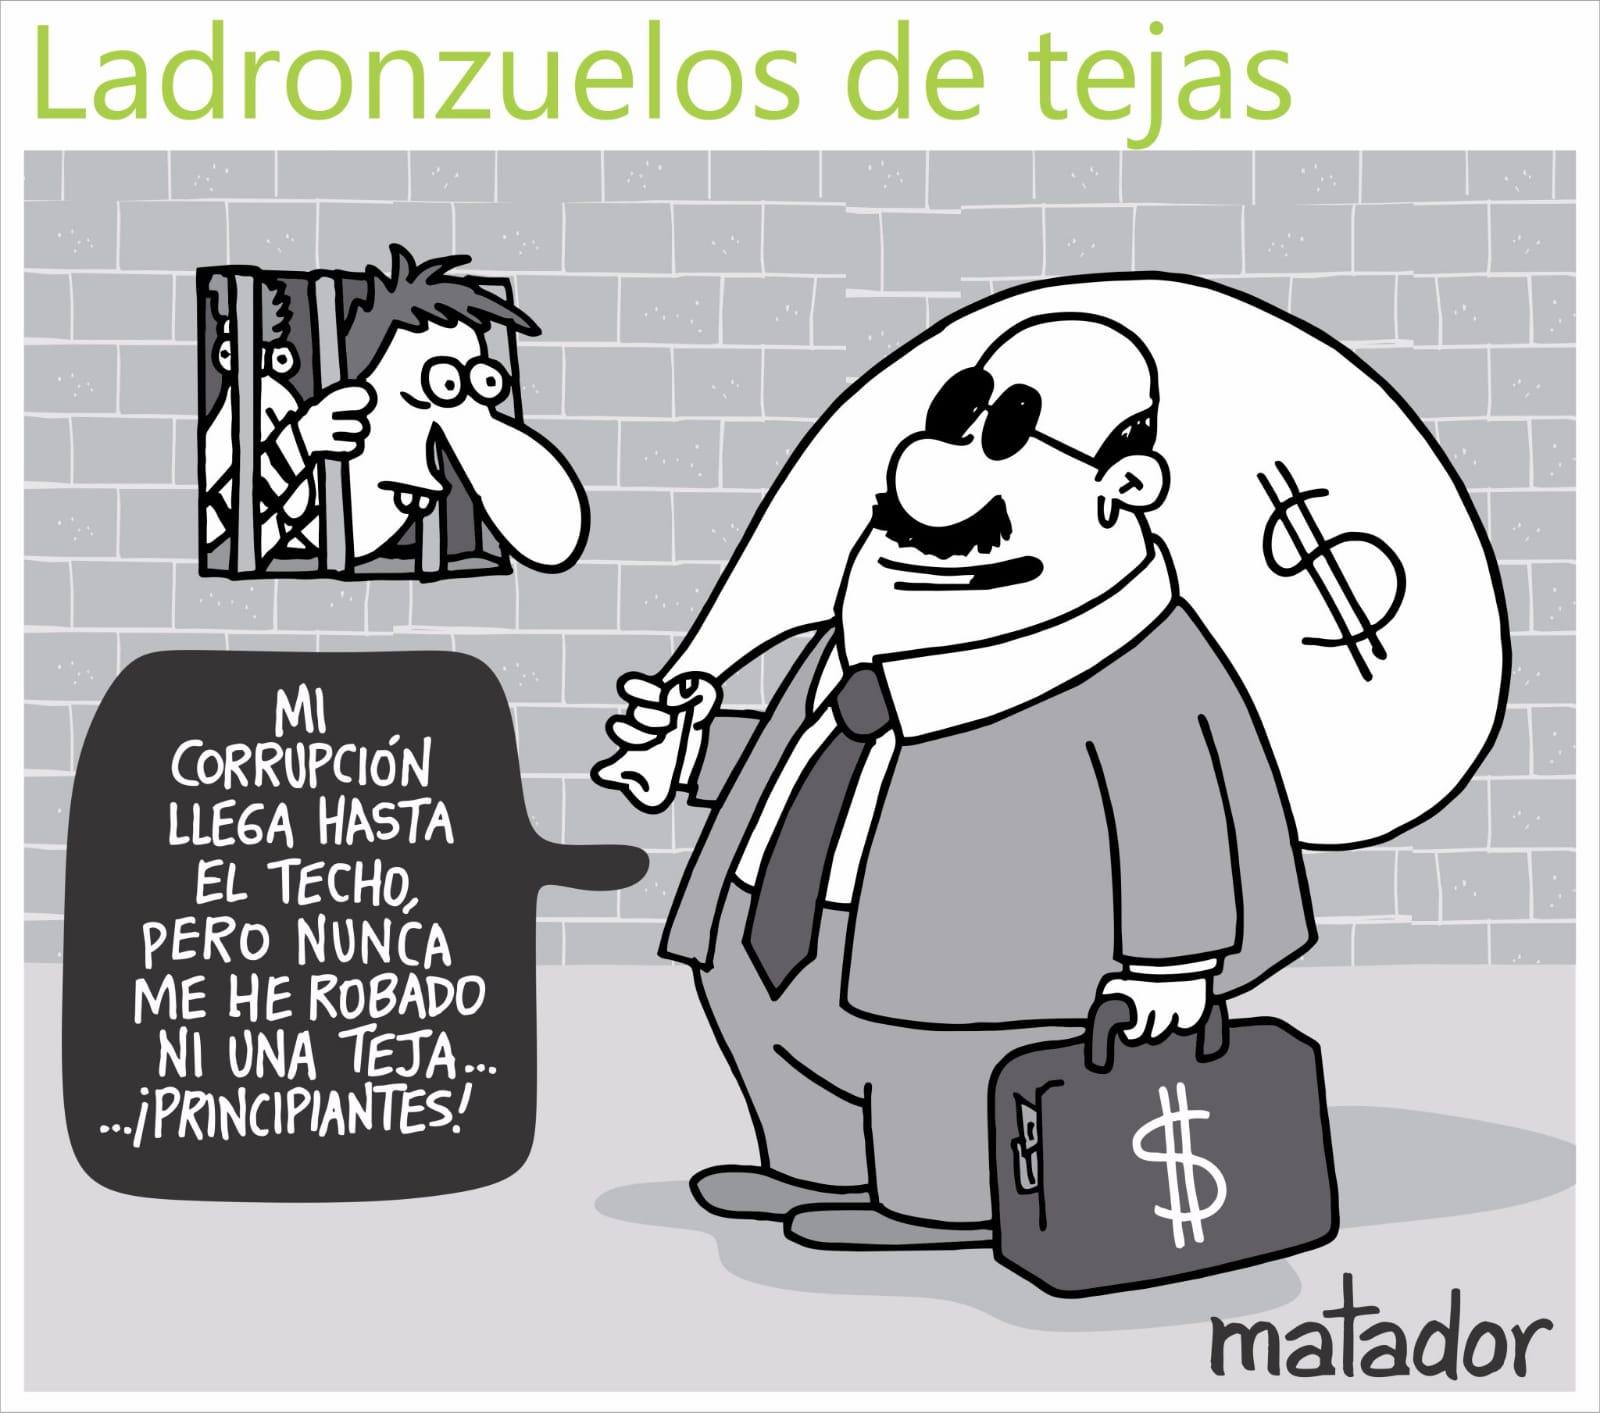 """Los falsos adalides del """"emprendimiento"""" y de la """"moral"""" en el Tolima 2"""